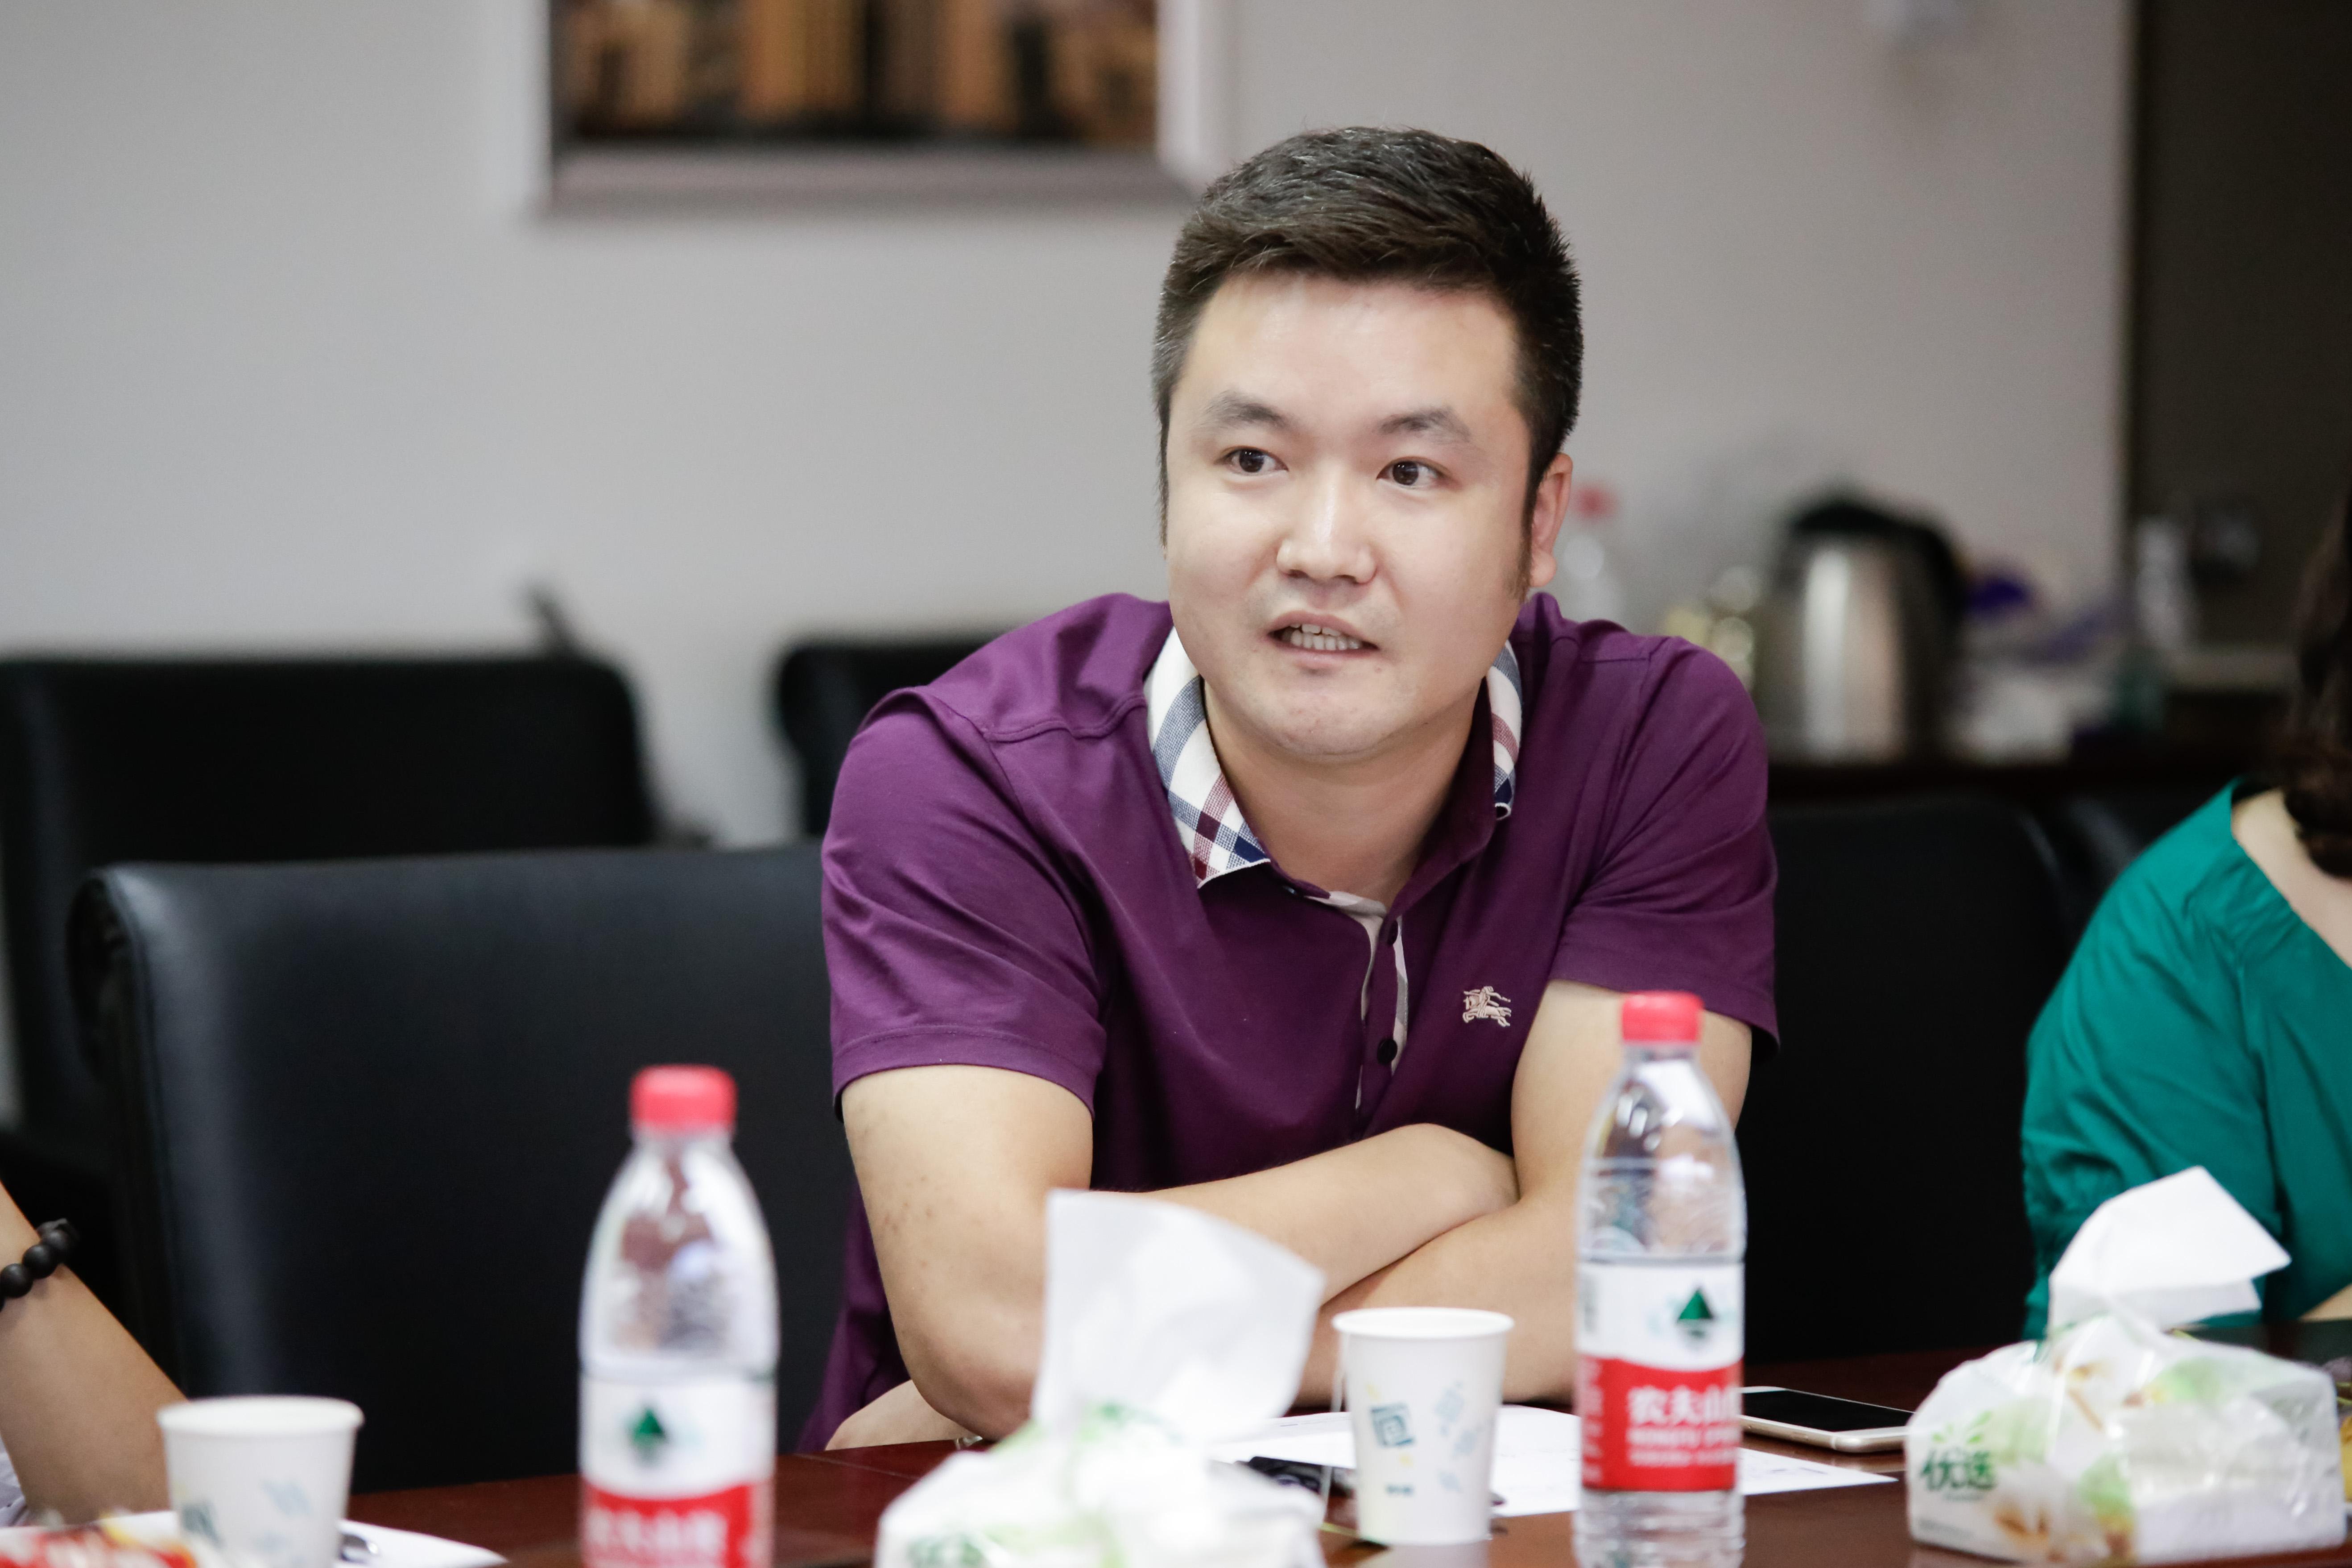 8、北京交通大学mba教育中心:北京交通大学MBA学校排名如何?